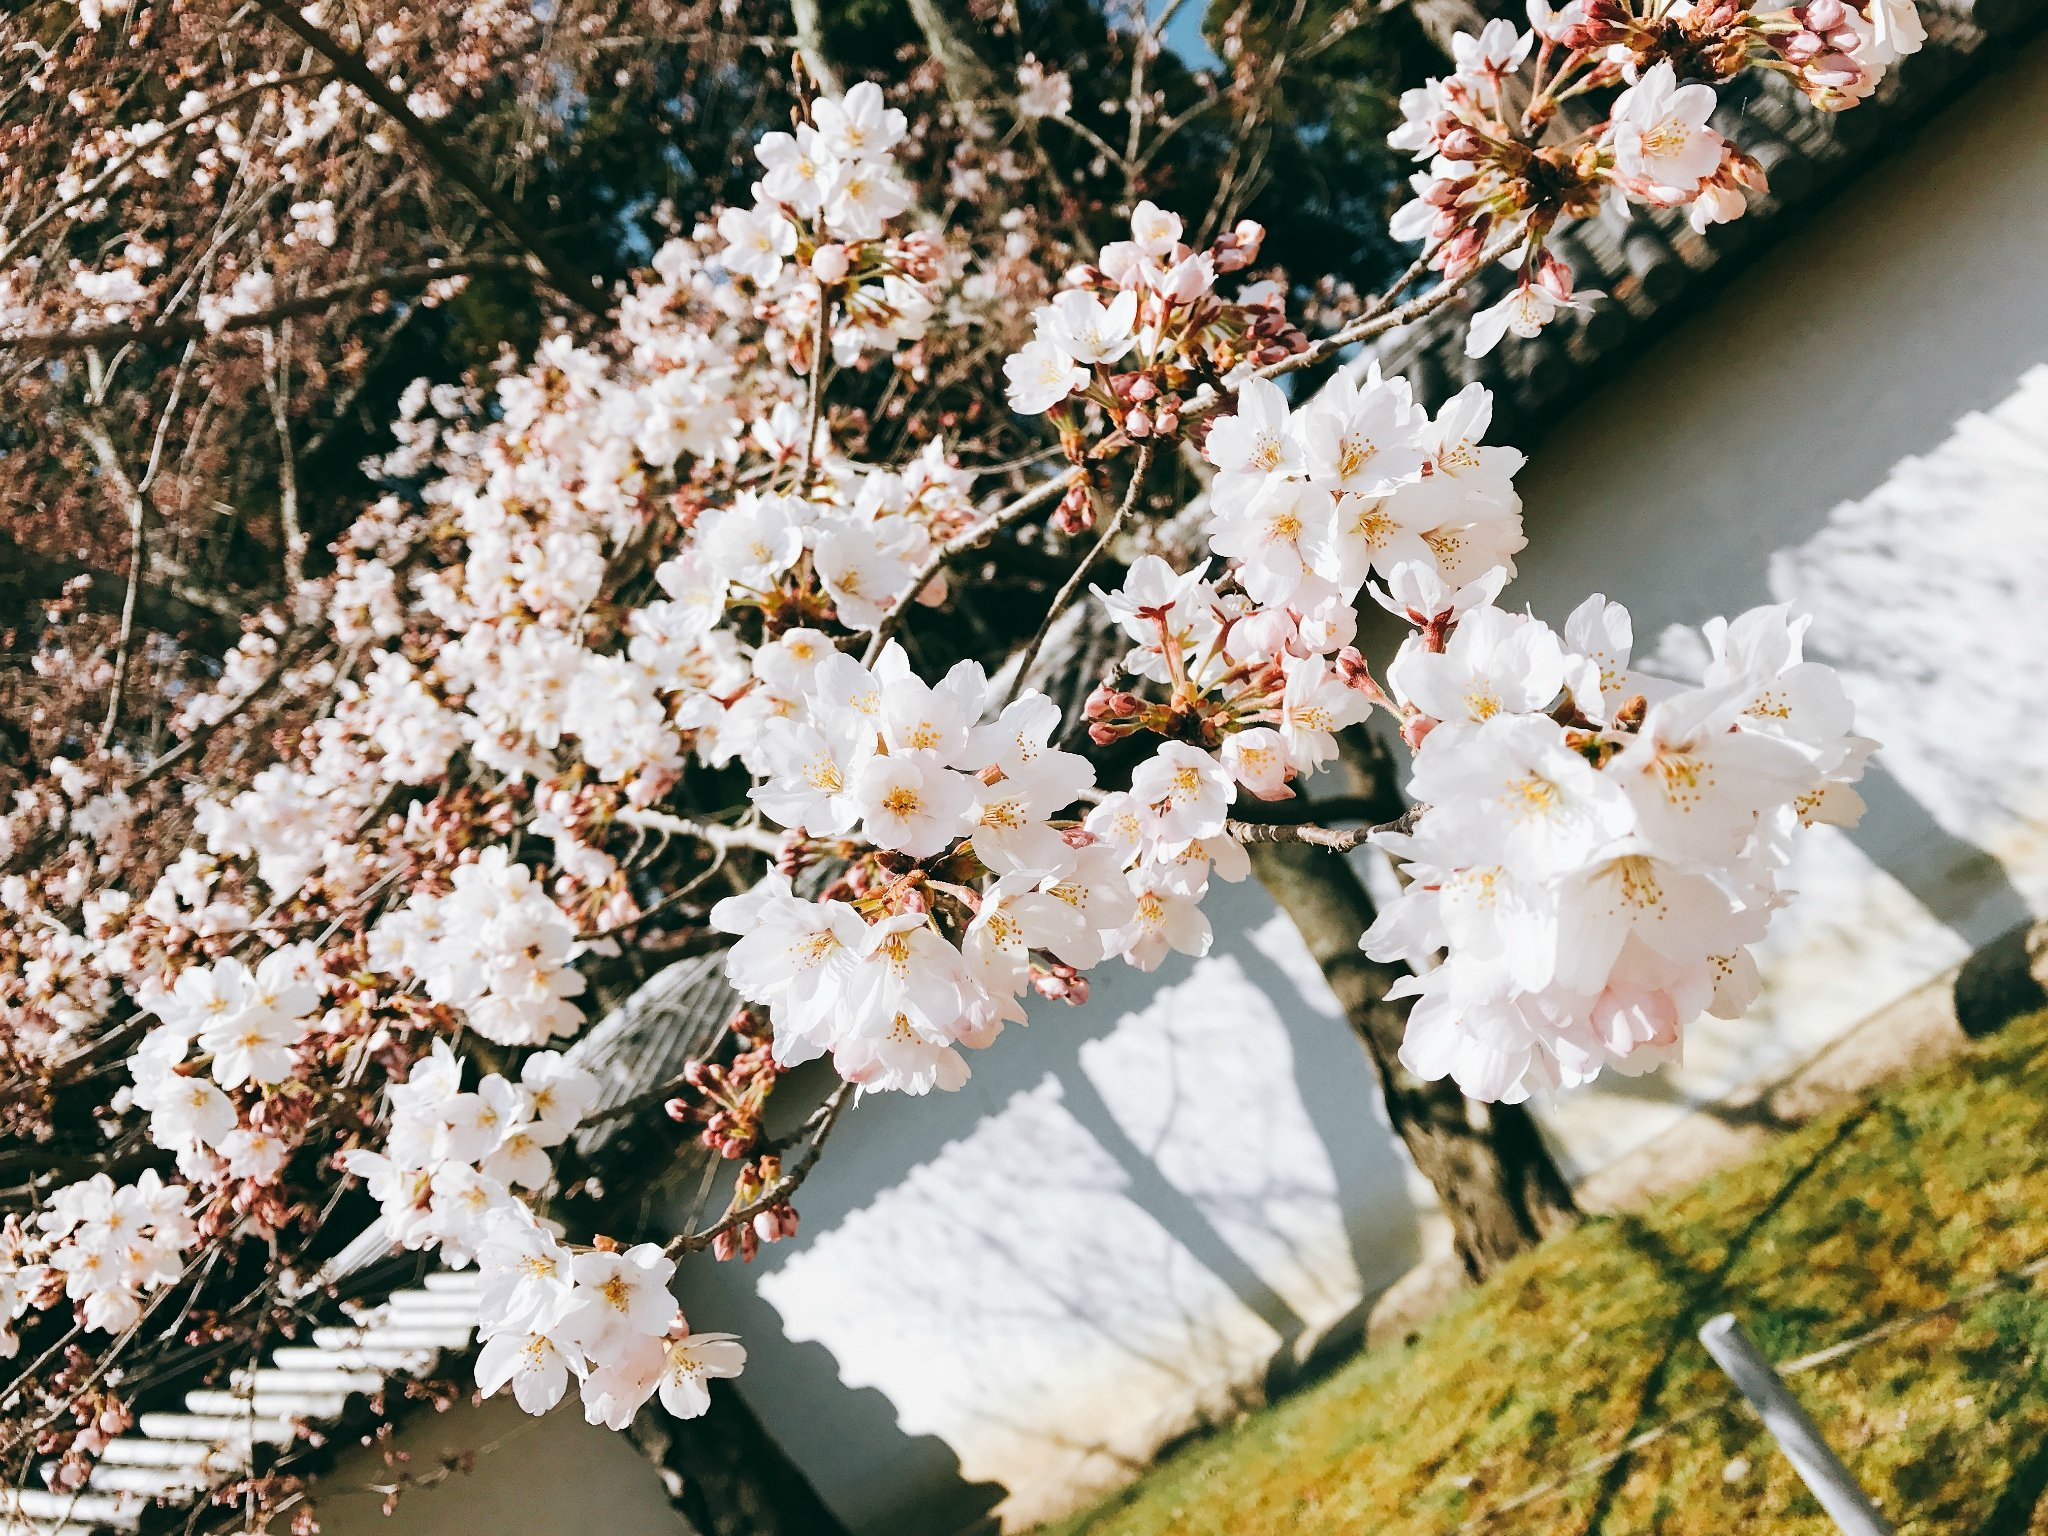 樱花樱花想见你——闺蜜双人日本小白行